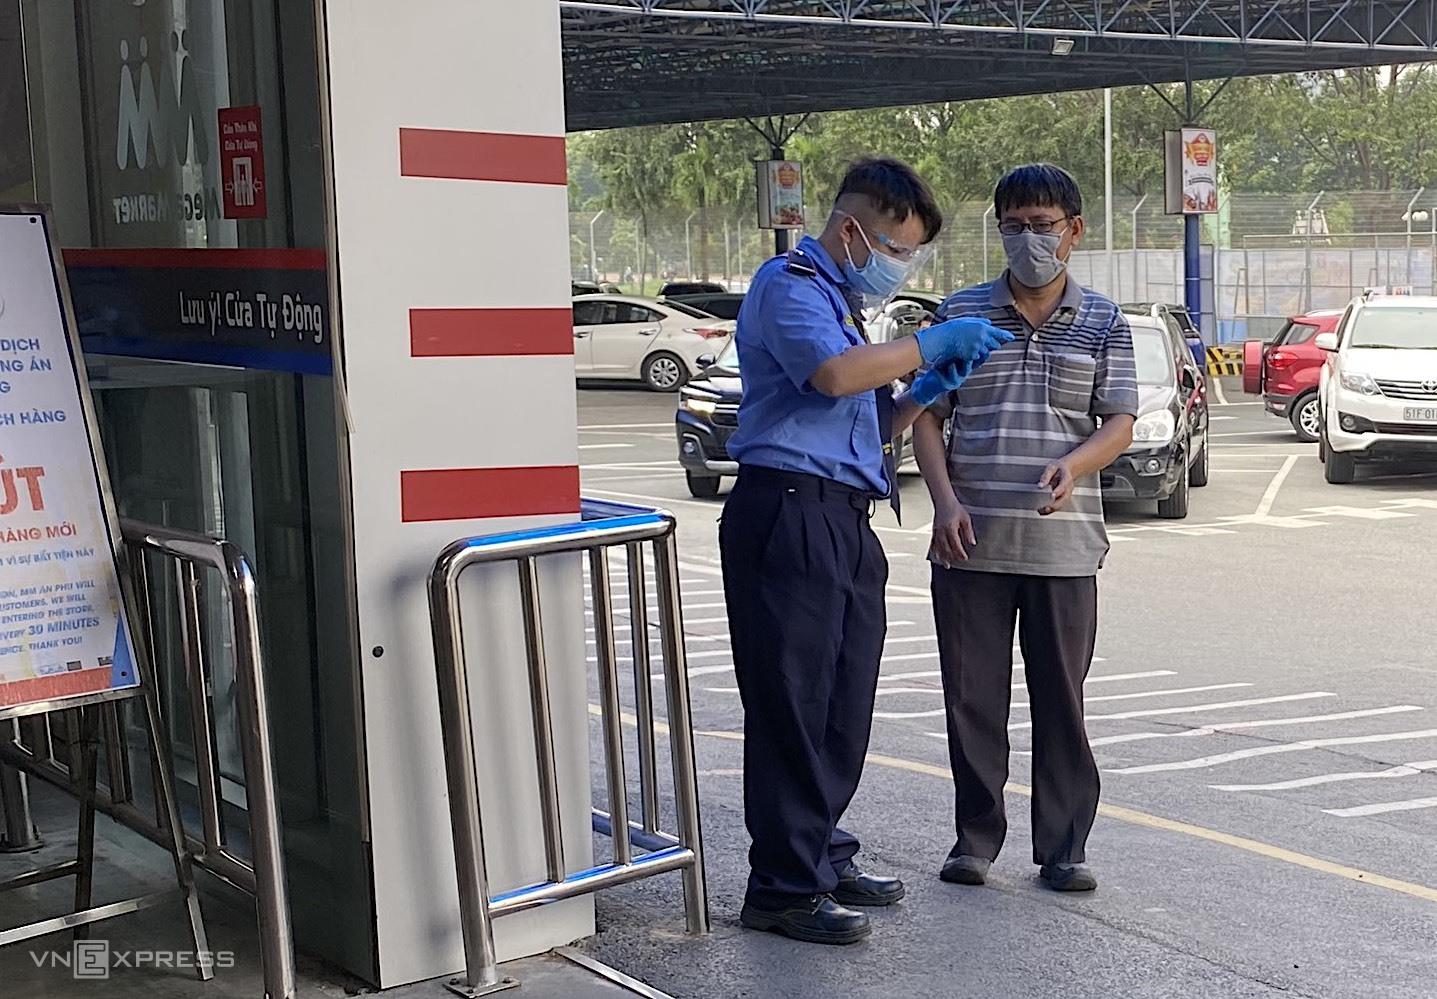 Bảo vệ một siêu thị tại phường An Phú, TP Thủ Đức đang kiểm tra thẻ vaccine của khách hàng. Ảnh: Tất Đạt